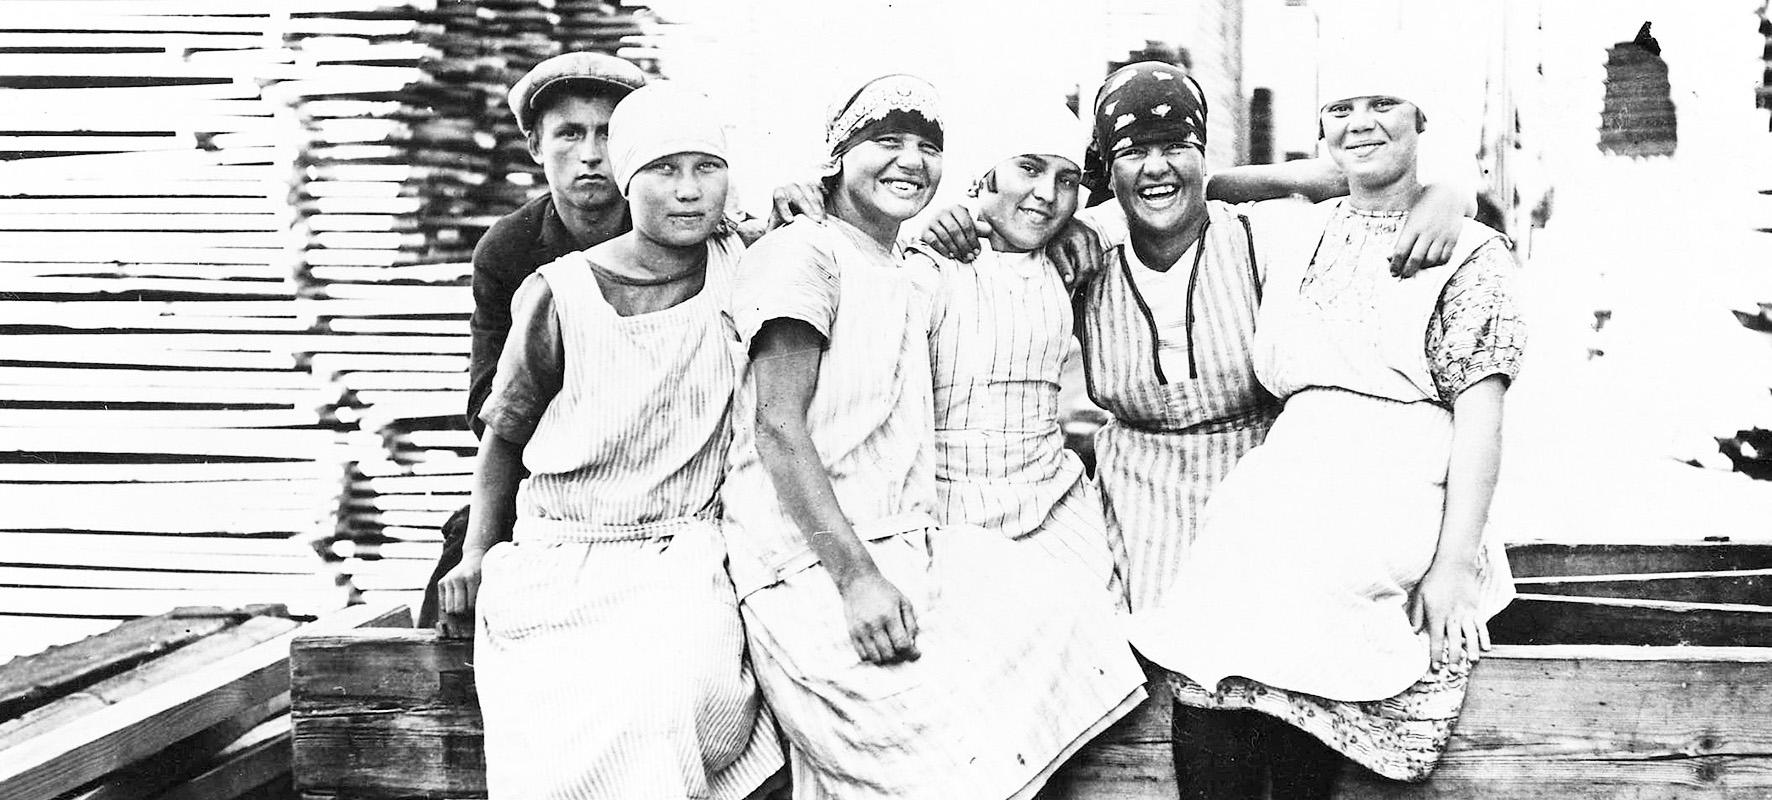 Kotkan historiaa työläisnaisia